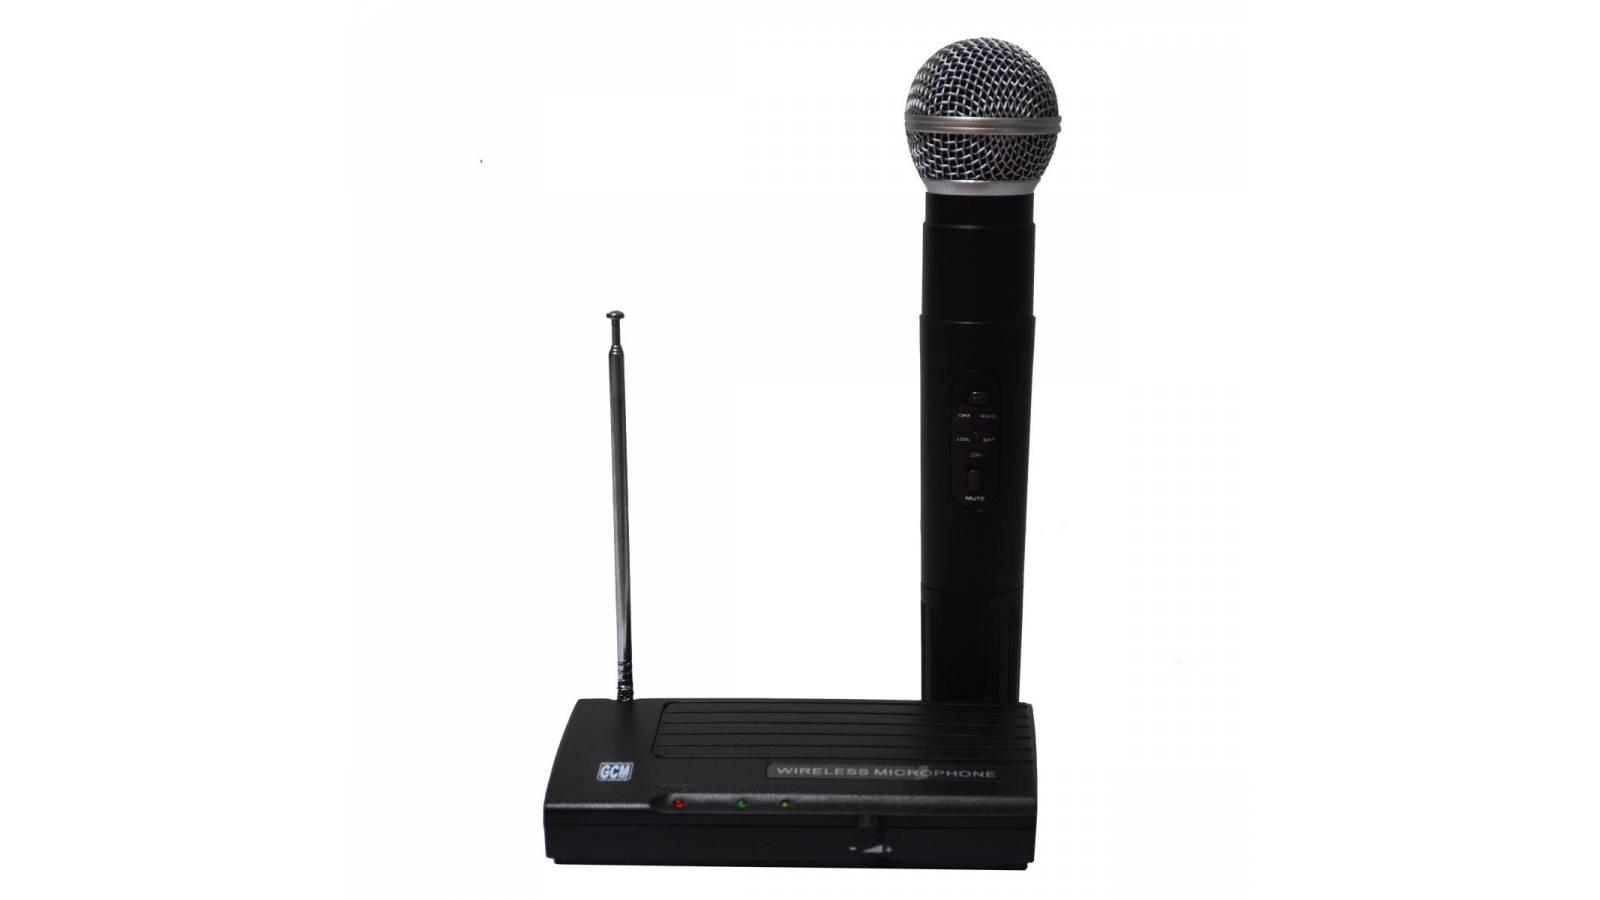 Micrófono Inalámbrico Mano GH-200 Gcm Pro